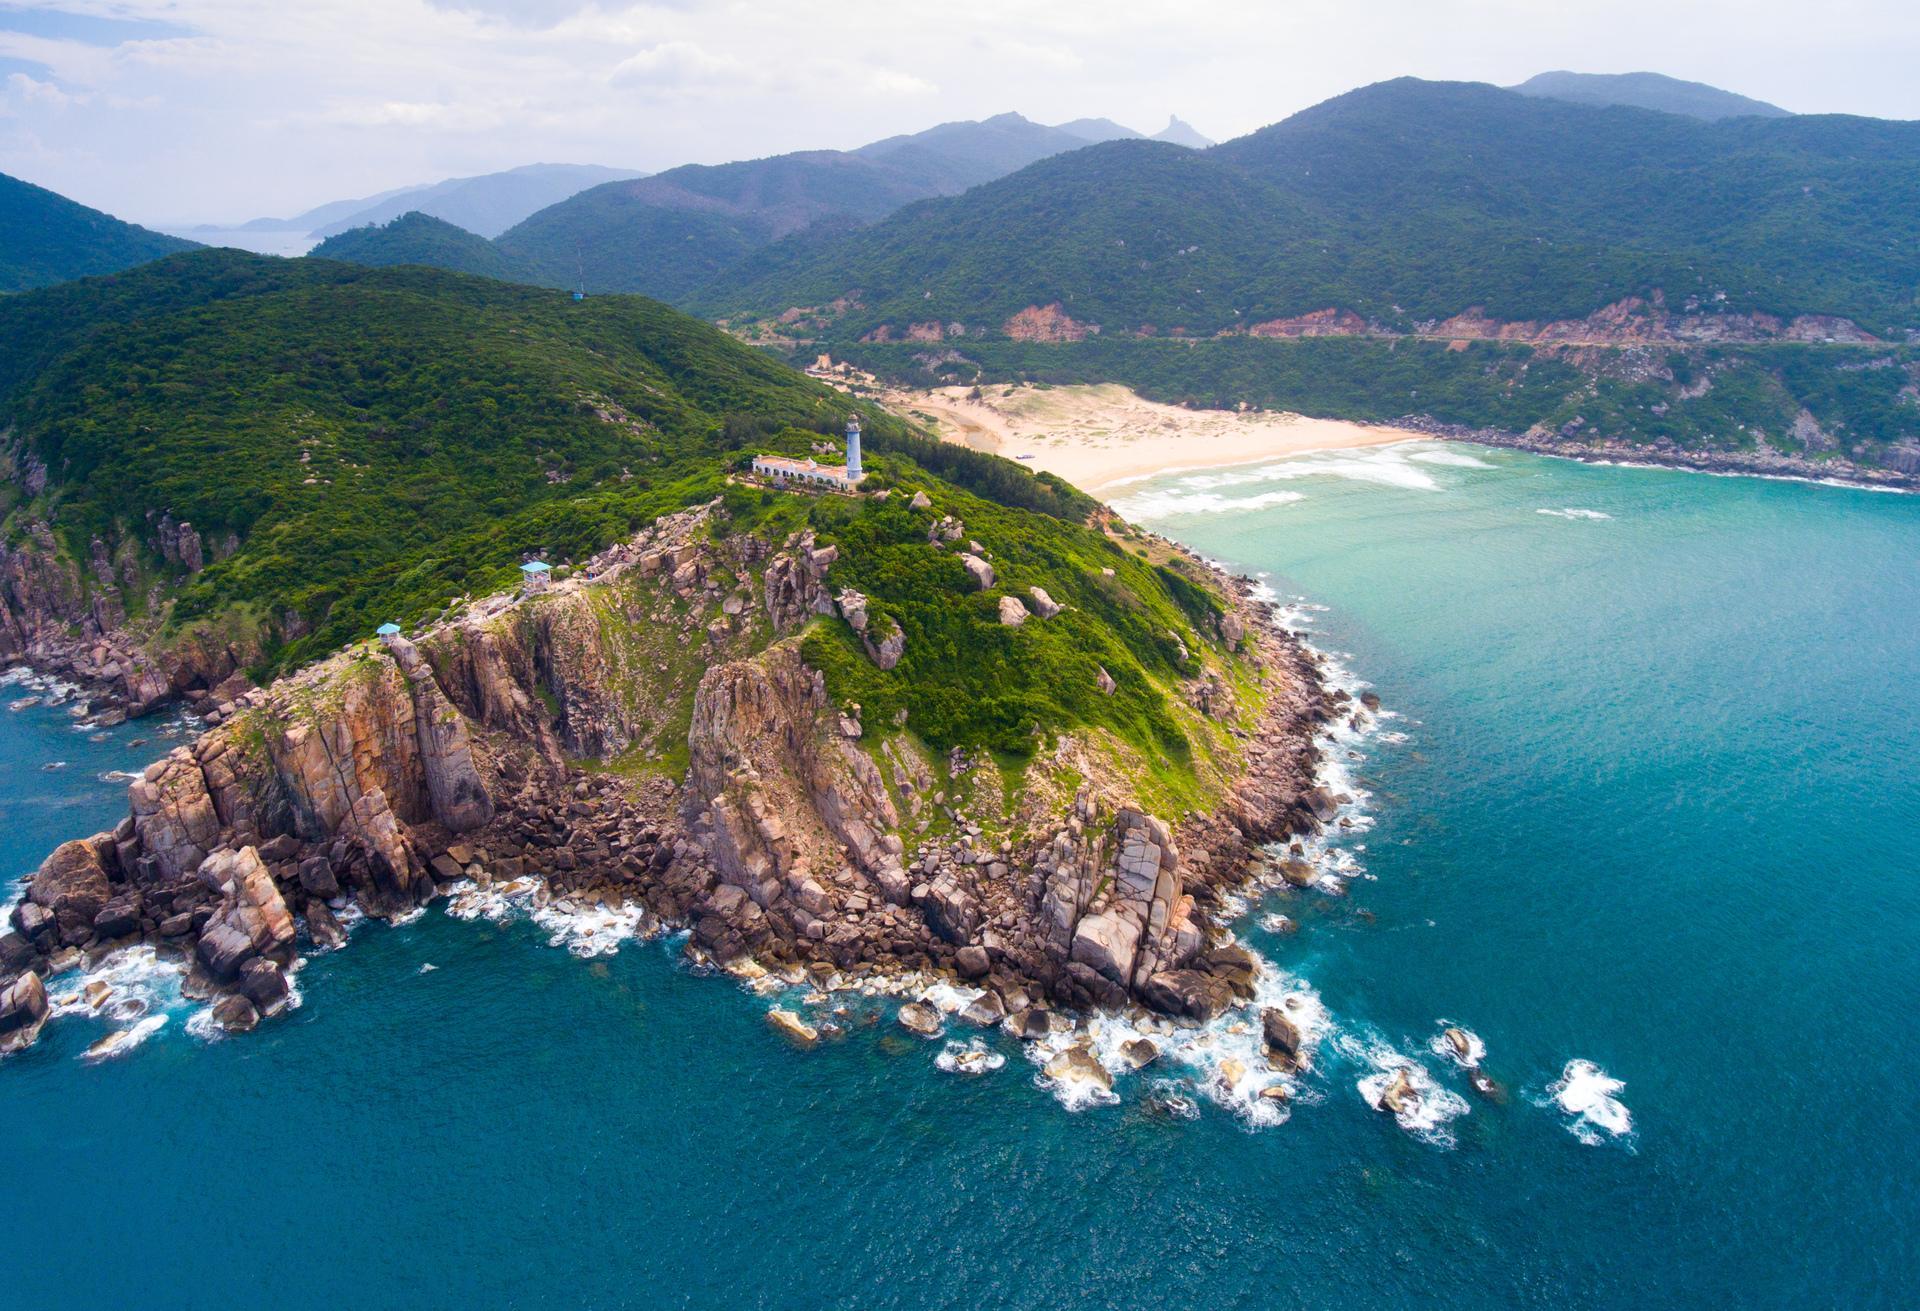 Một điểm đến không thể bỏ qua dành cho du khách muốn có chuyến nghỉ dưỡng yên bình tại Phú Yên